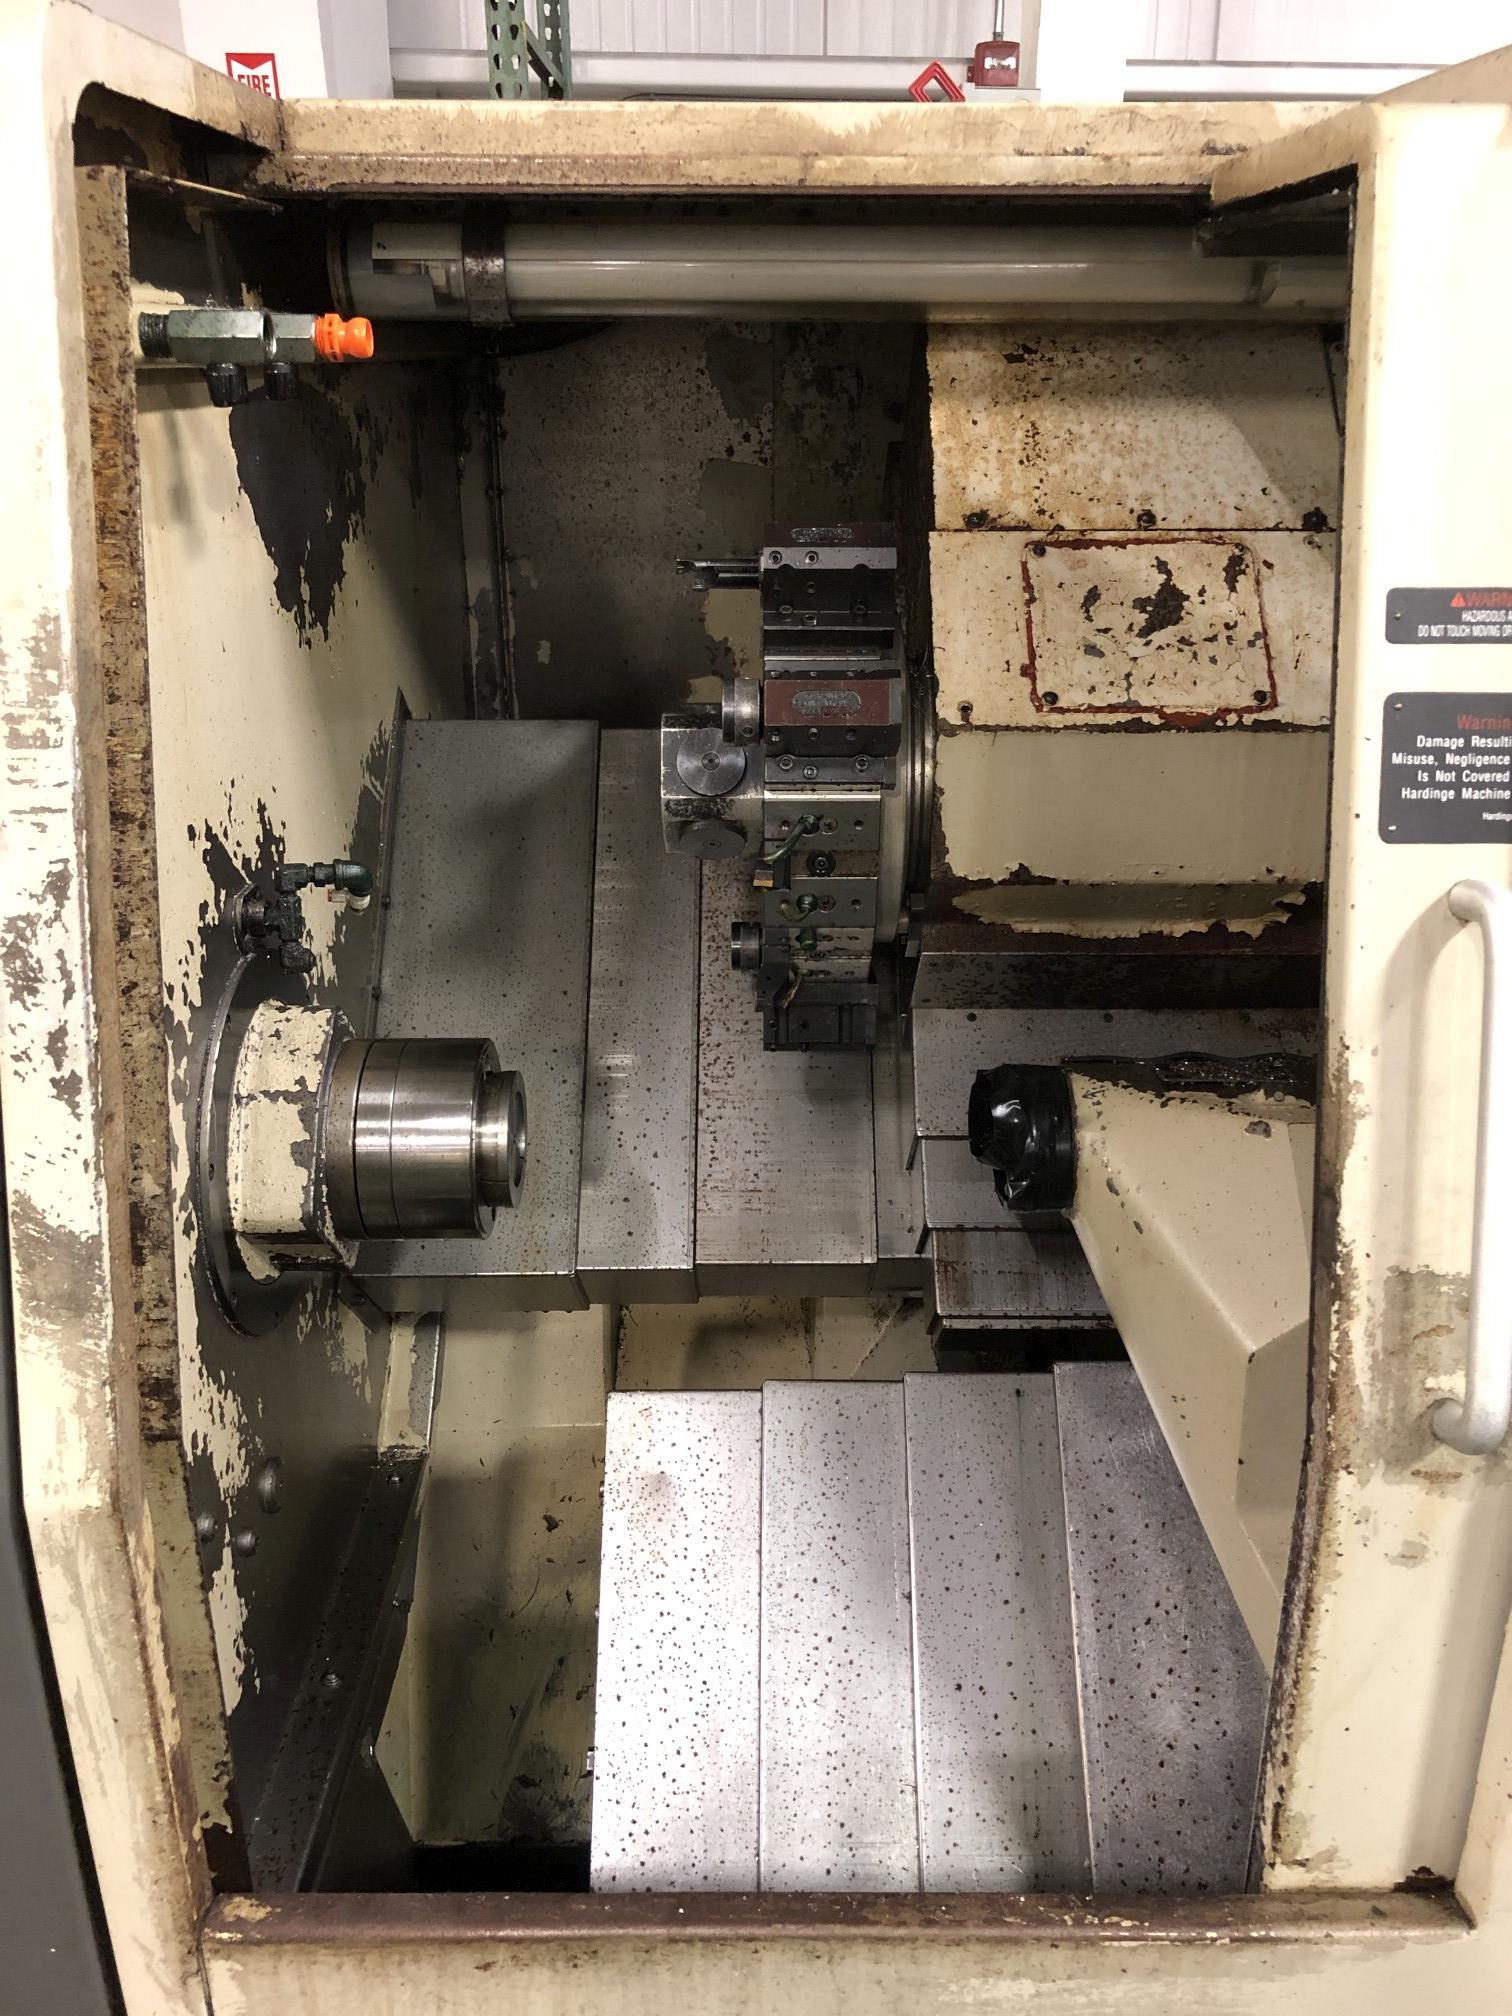 Hardinge Conquest 42 CNC Lathe - Image 3 of 11